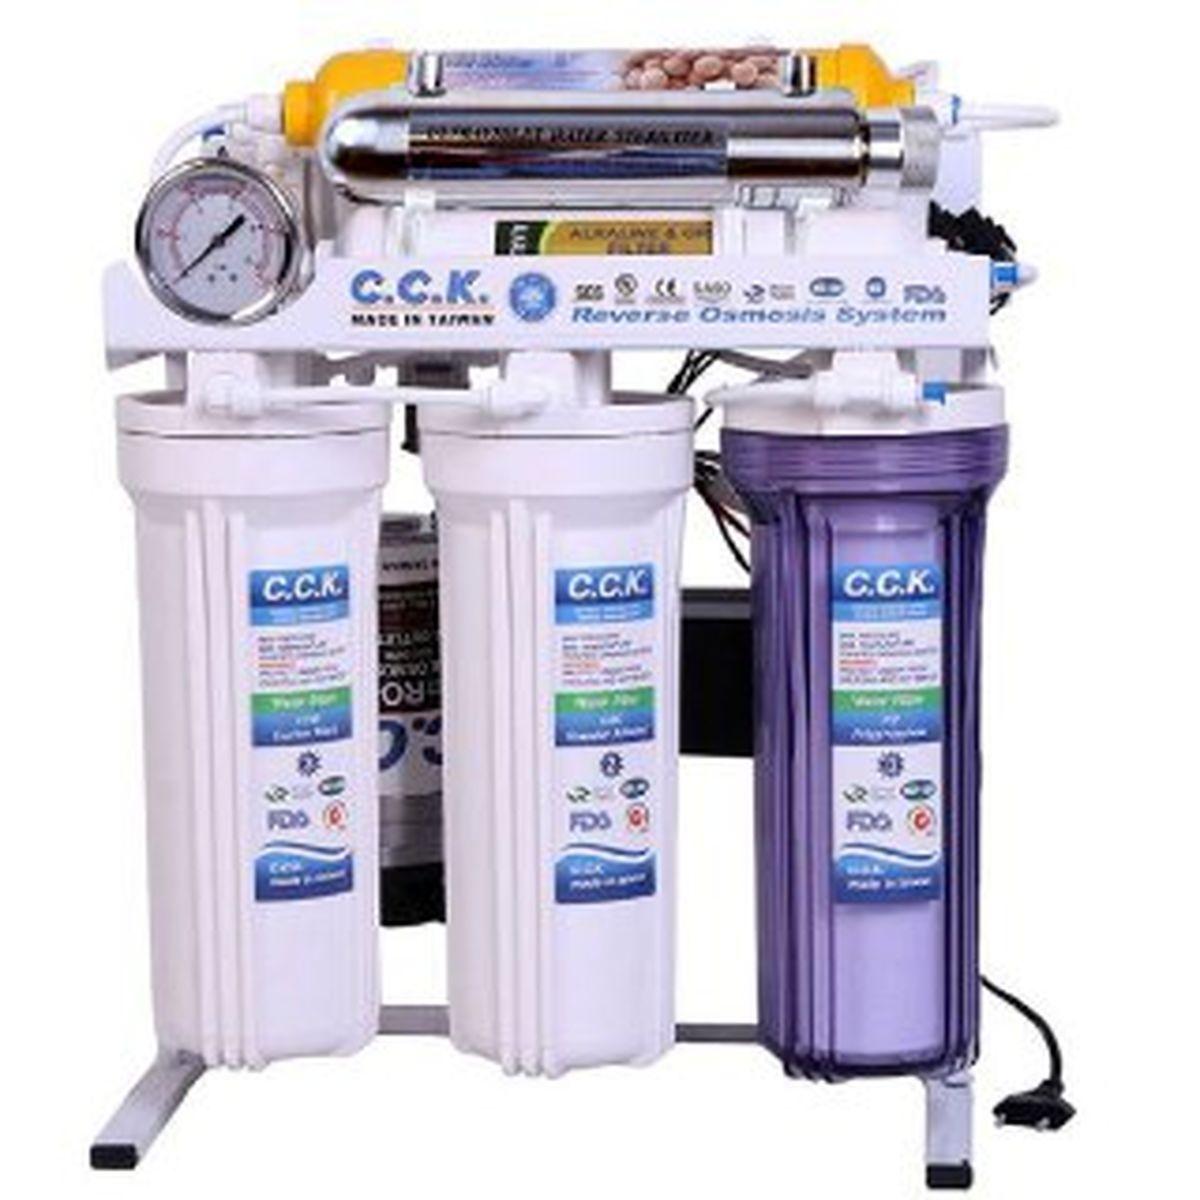 قیمت و خرید دستگاه تصفیه آب تایوانی CCK